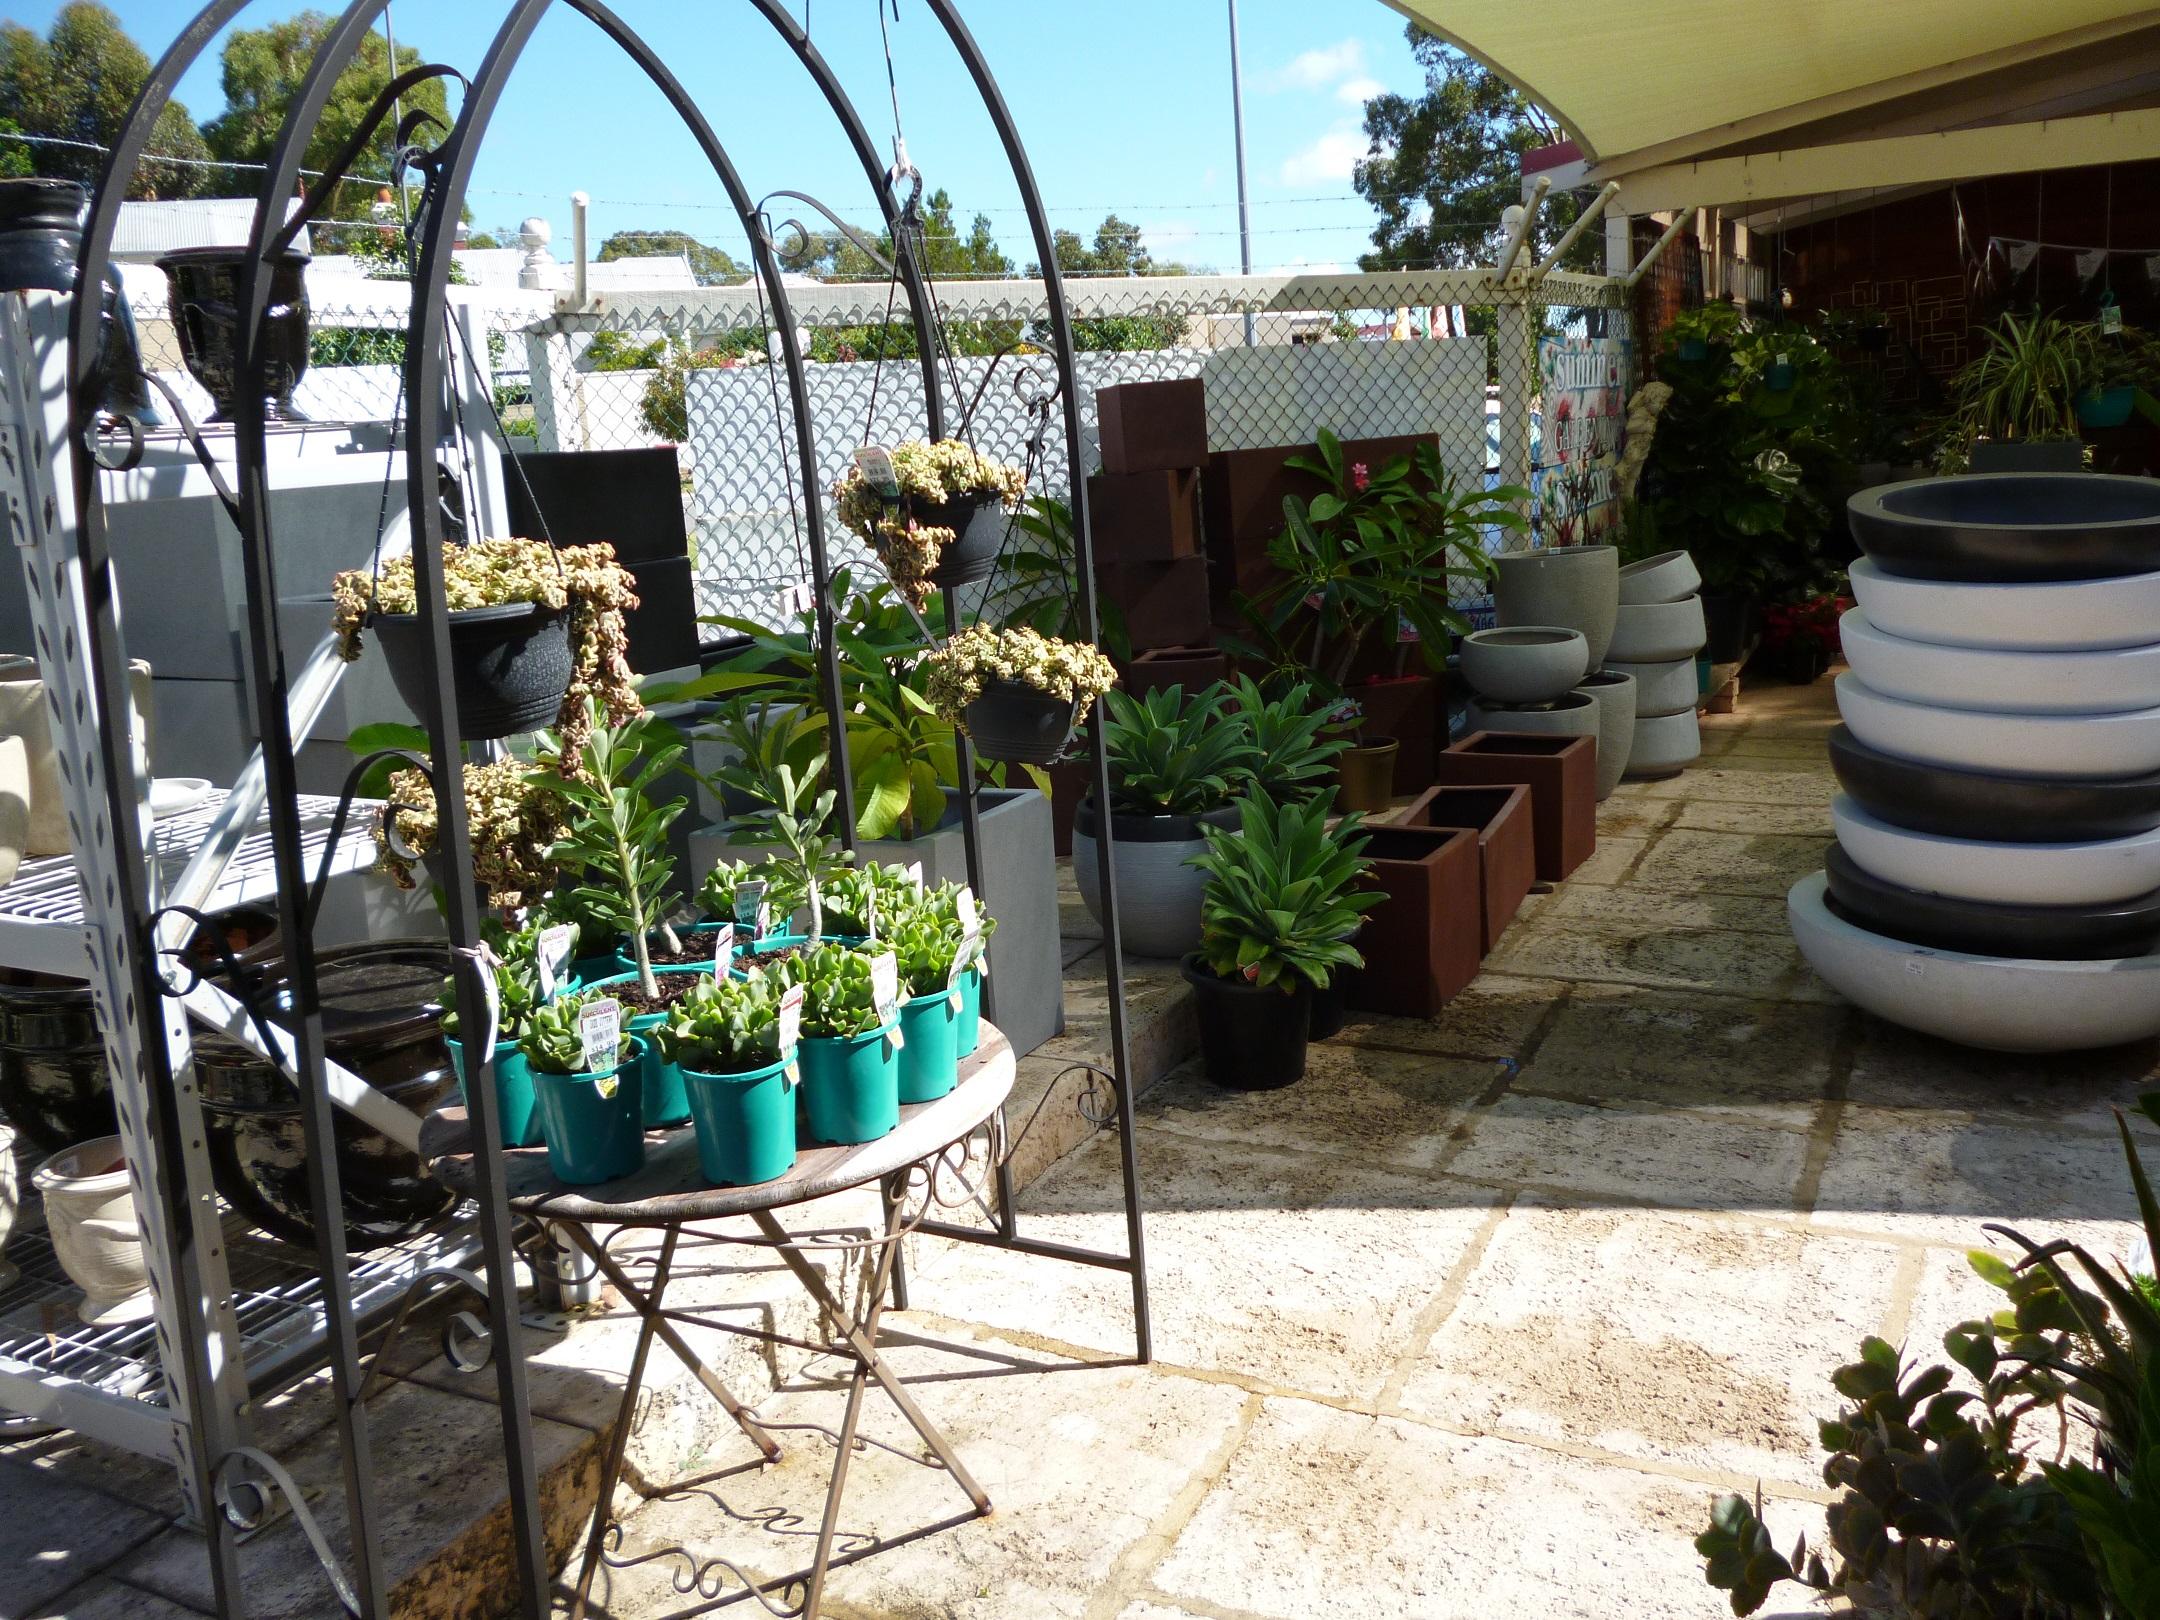 Pots Garden Elegance A Retail Garden Centre In Subiaco